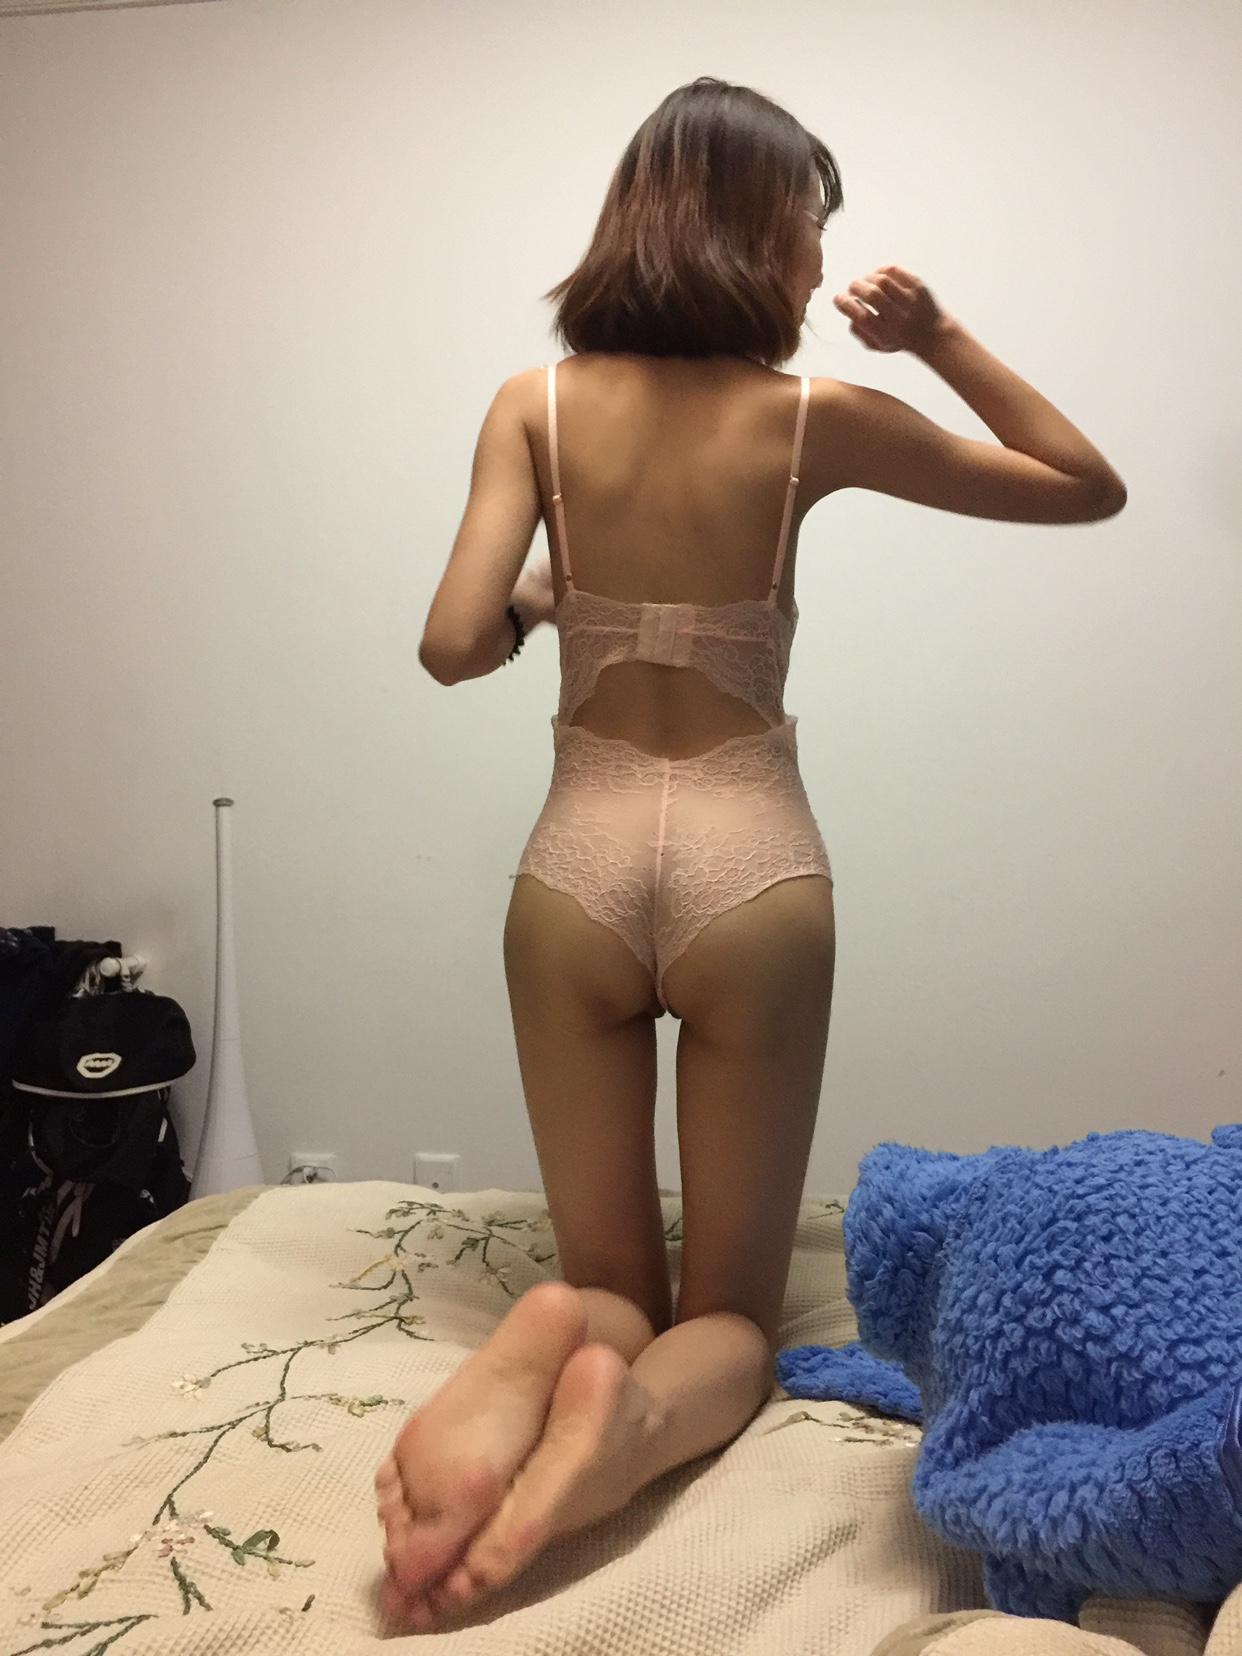 穿上比较紧,不过老公很喜欢? 看买家秀www.kanmjx.com